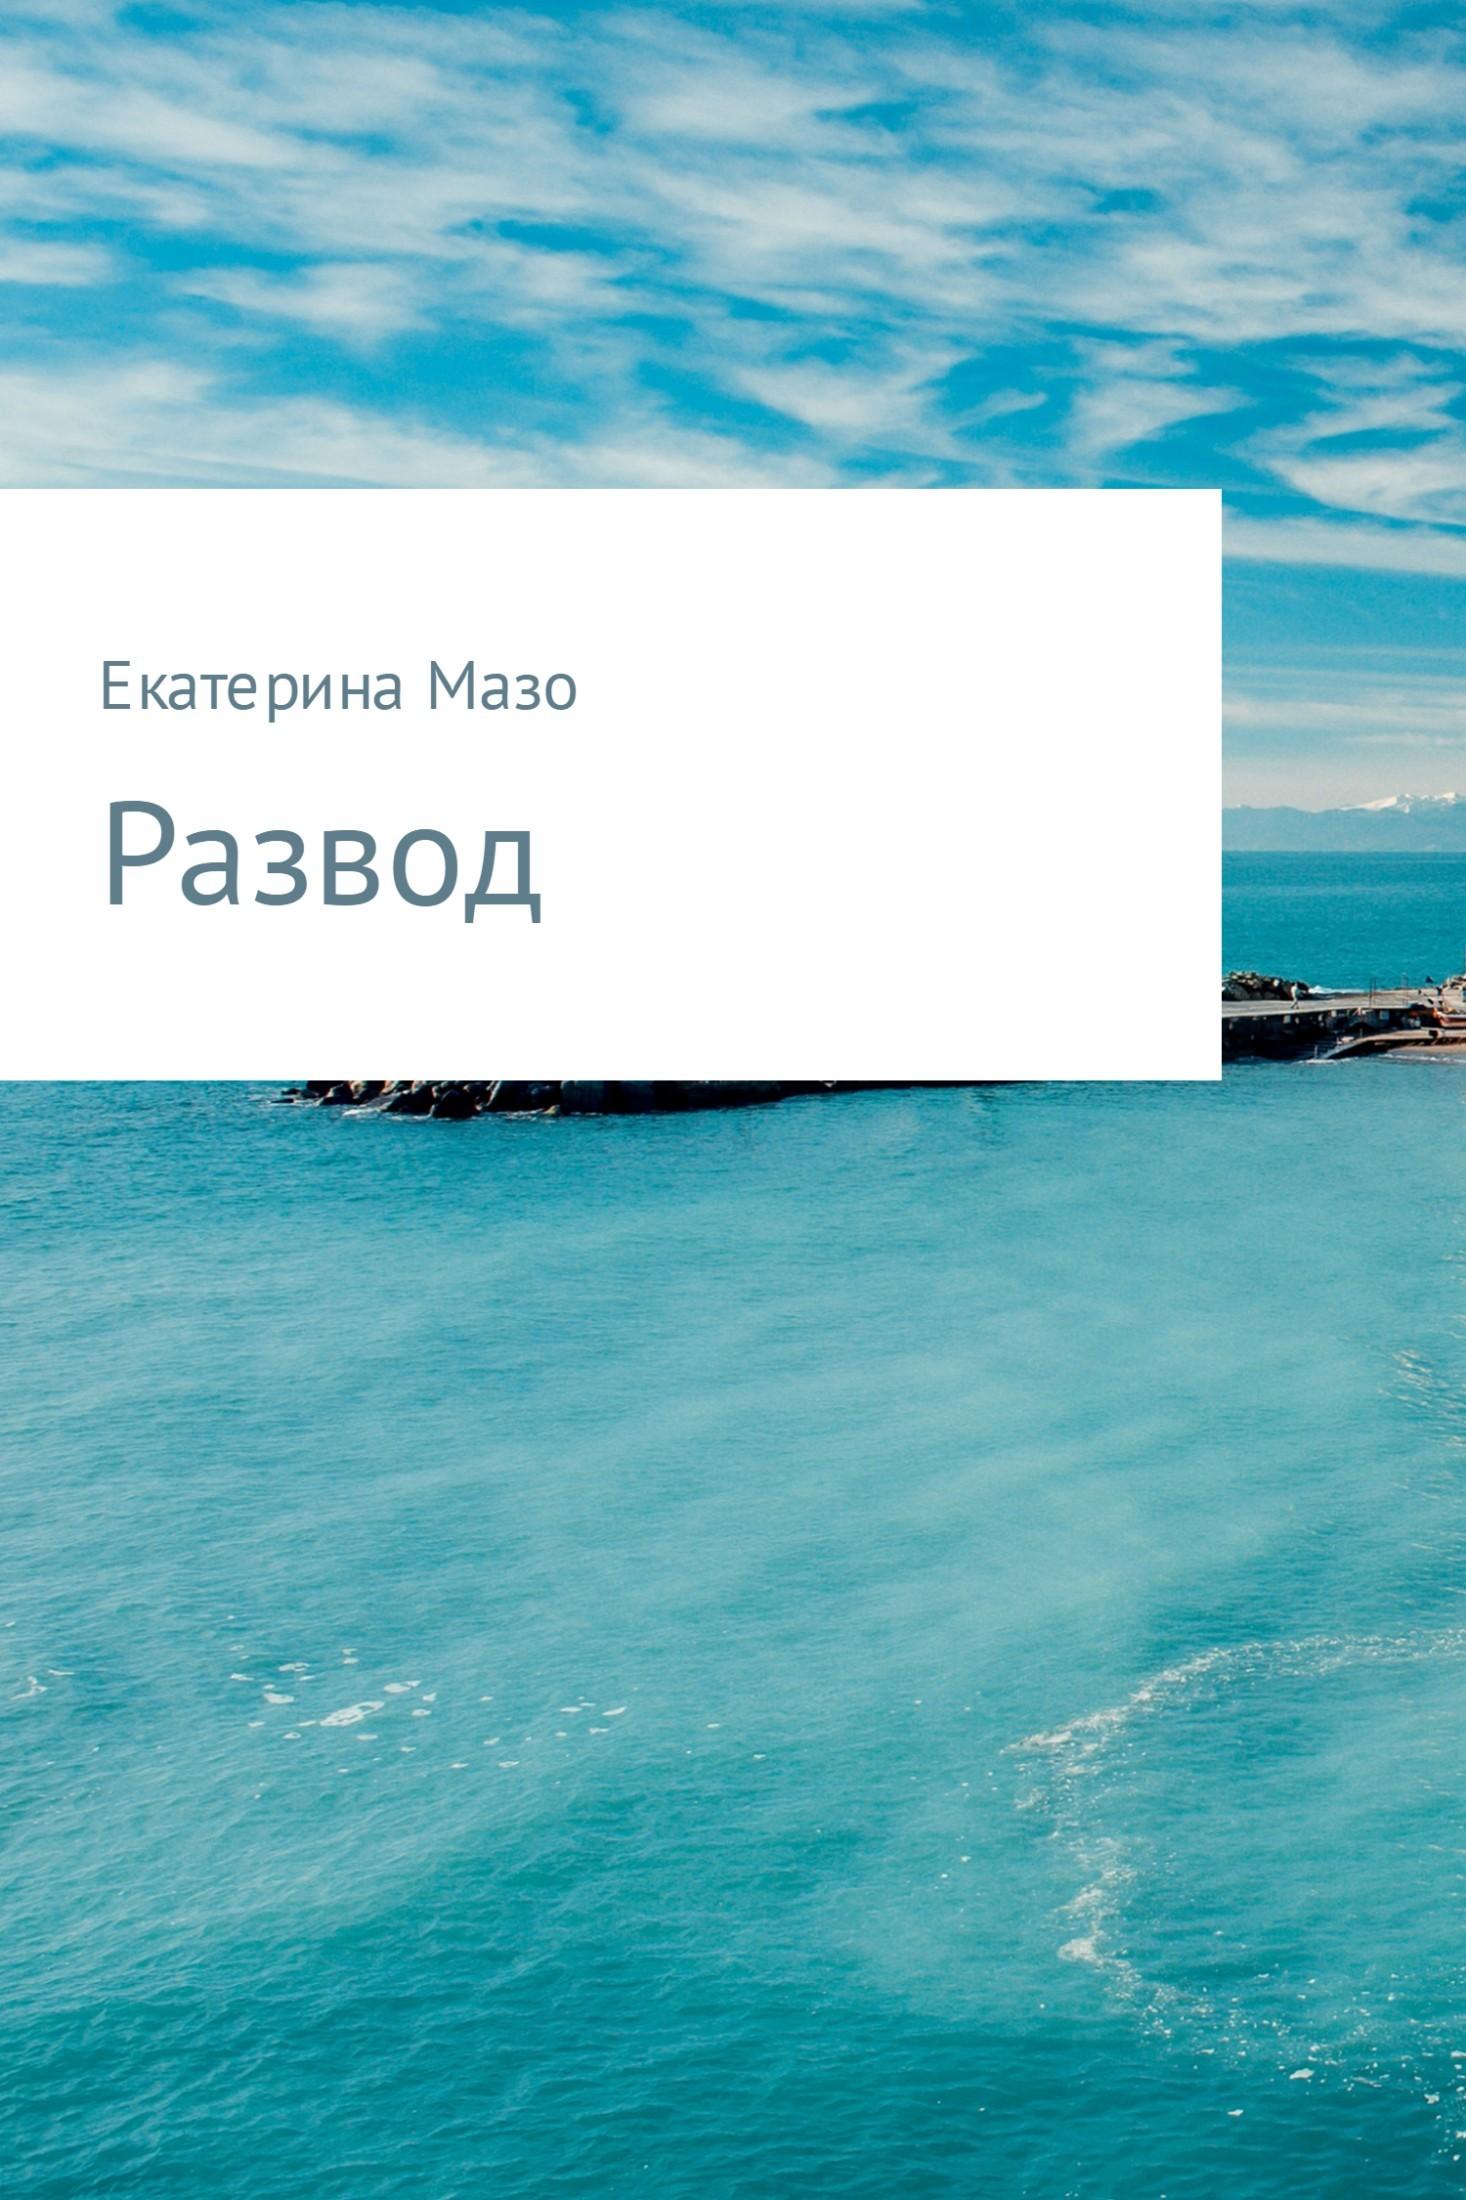 Екатерина Борисовна Мазо бесплатно